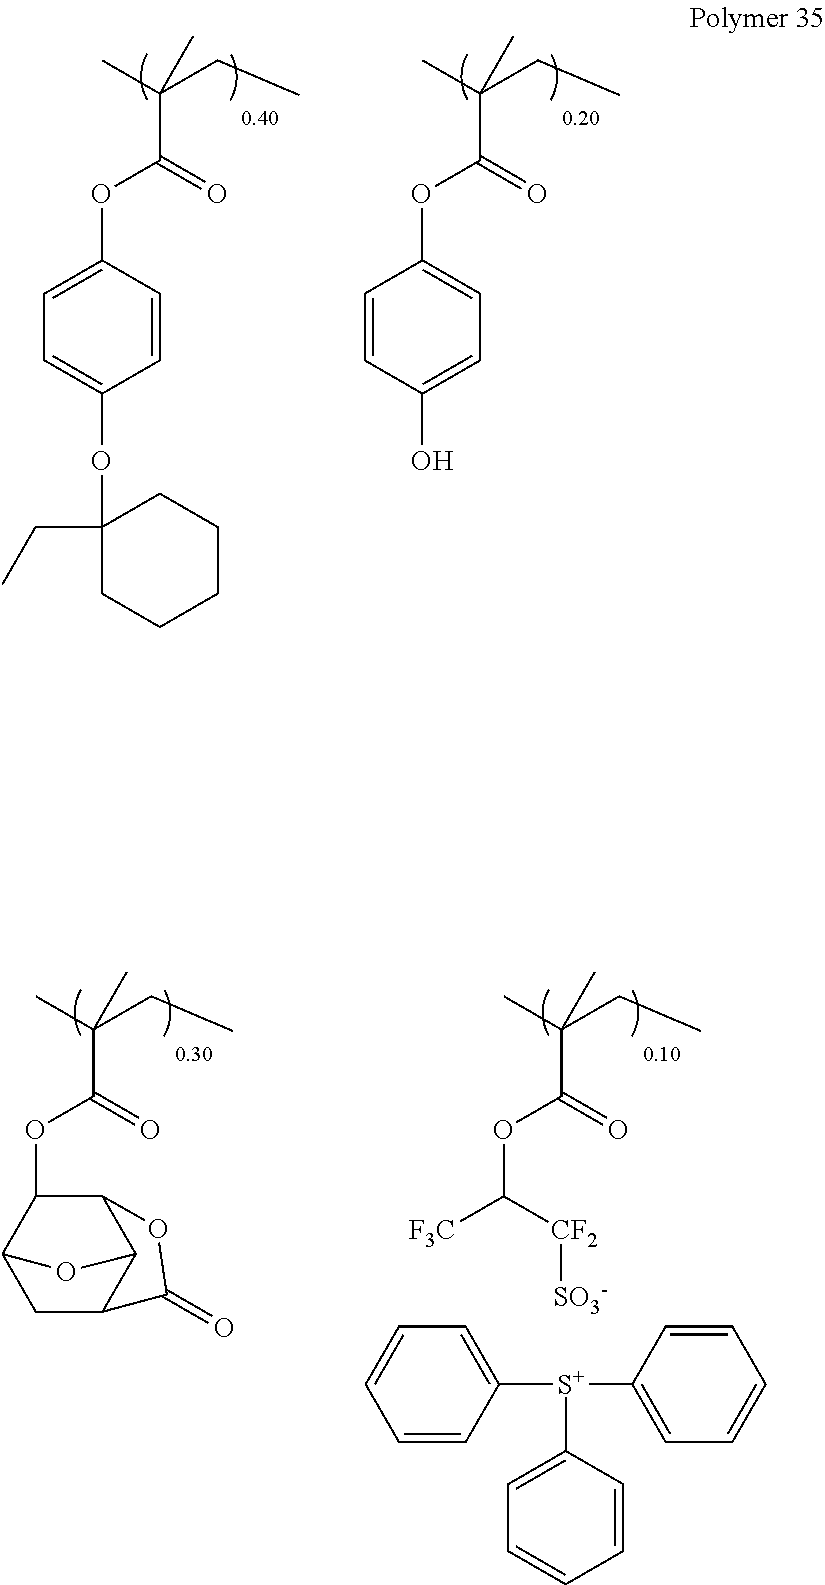 Figure US20110294070A1-20111201-C00106